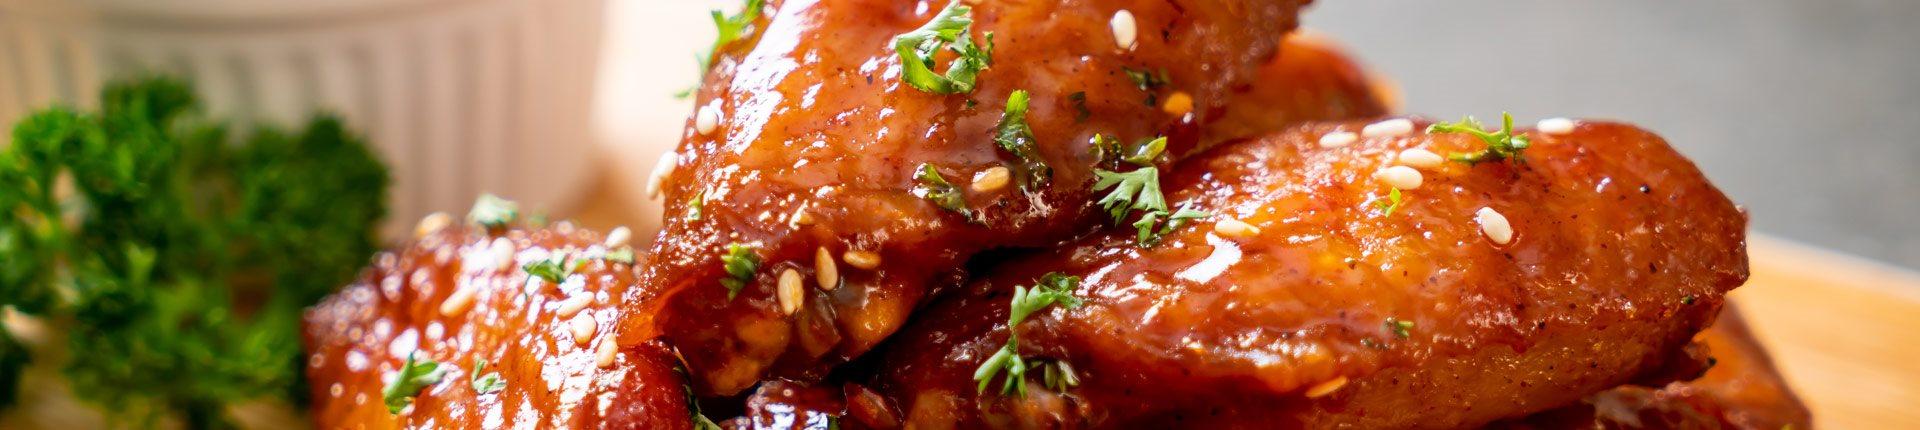 Ochota na dania mocno przyprawione. Co oznacza apetyt na ostre potrawy?